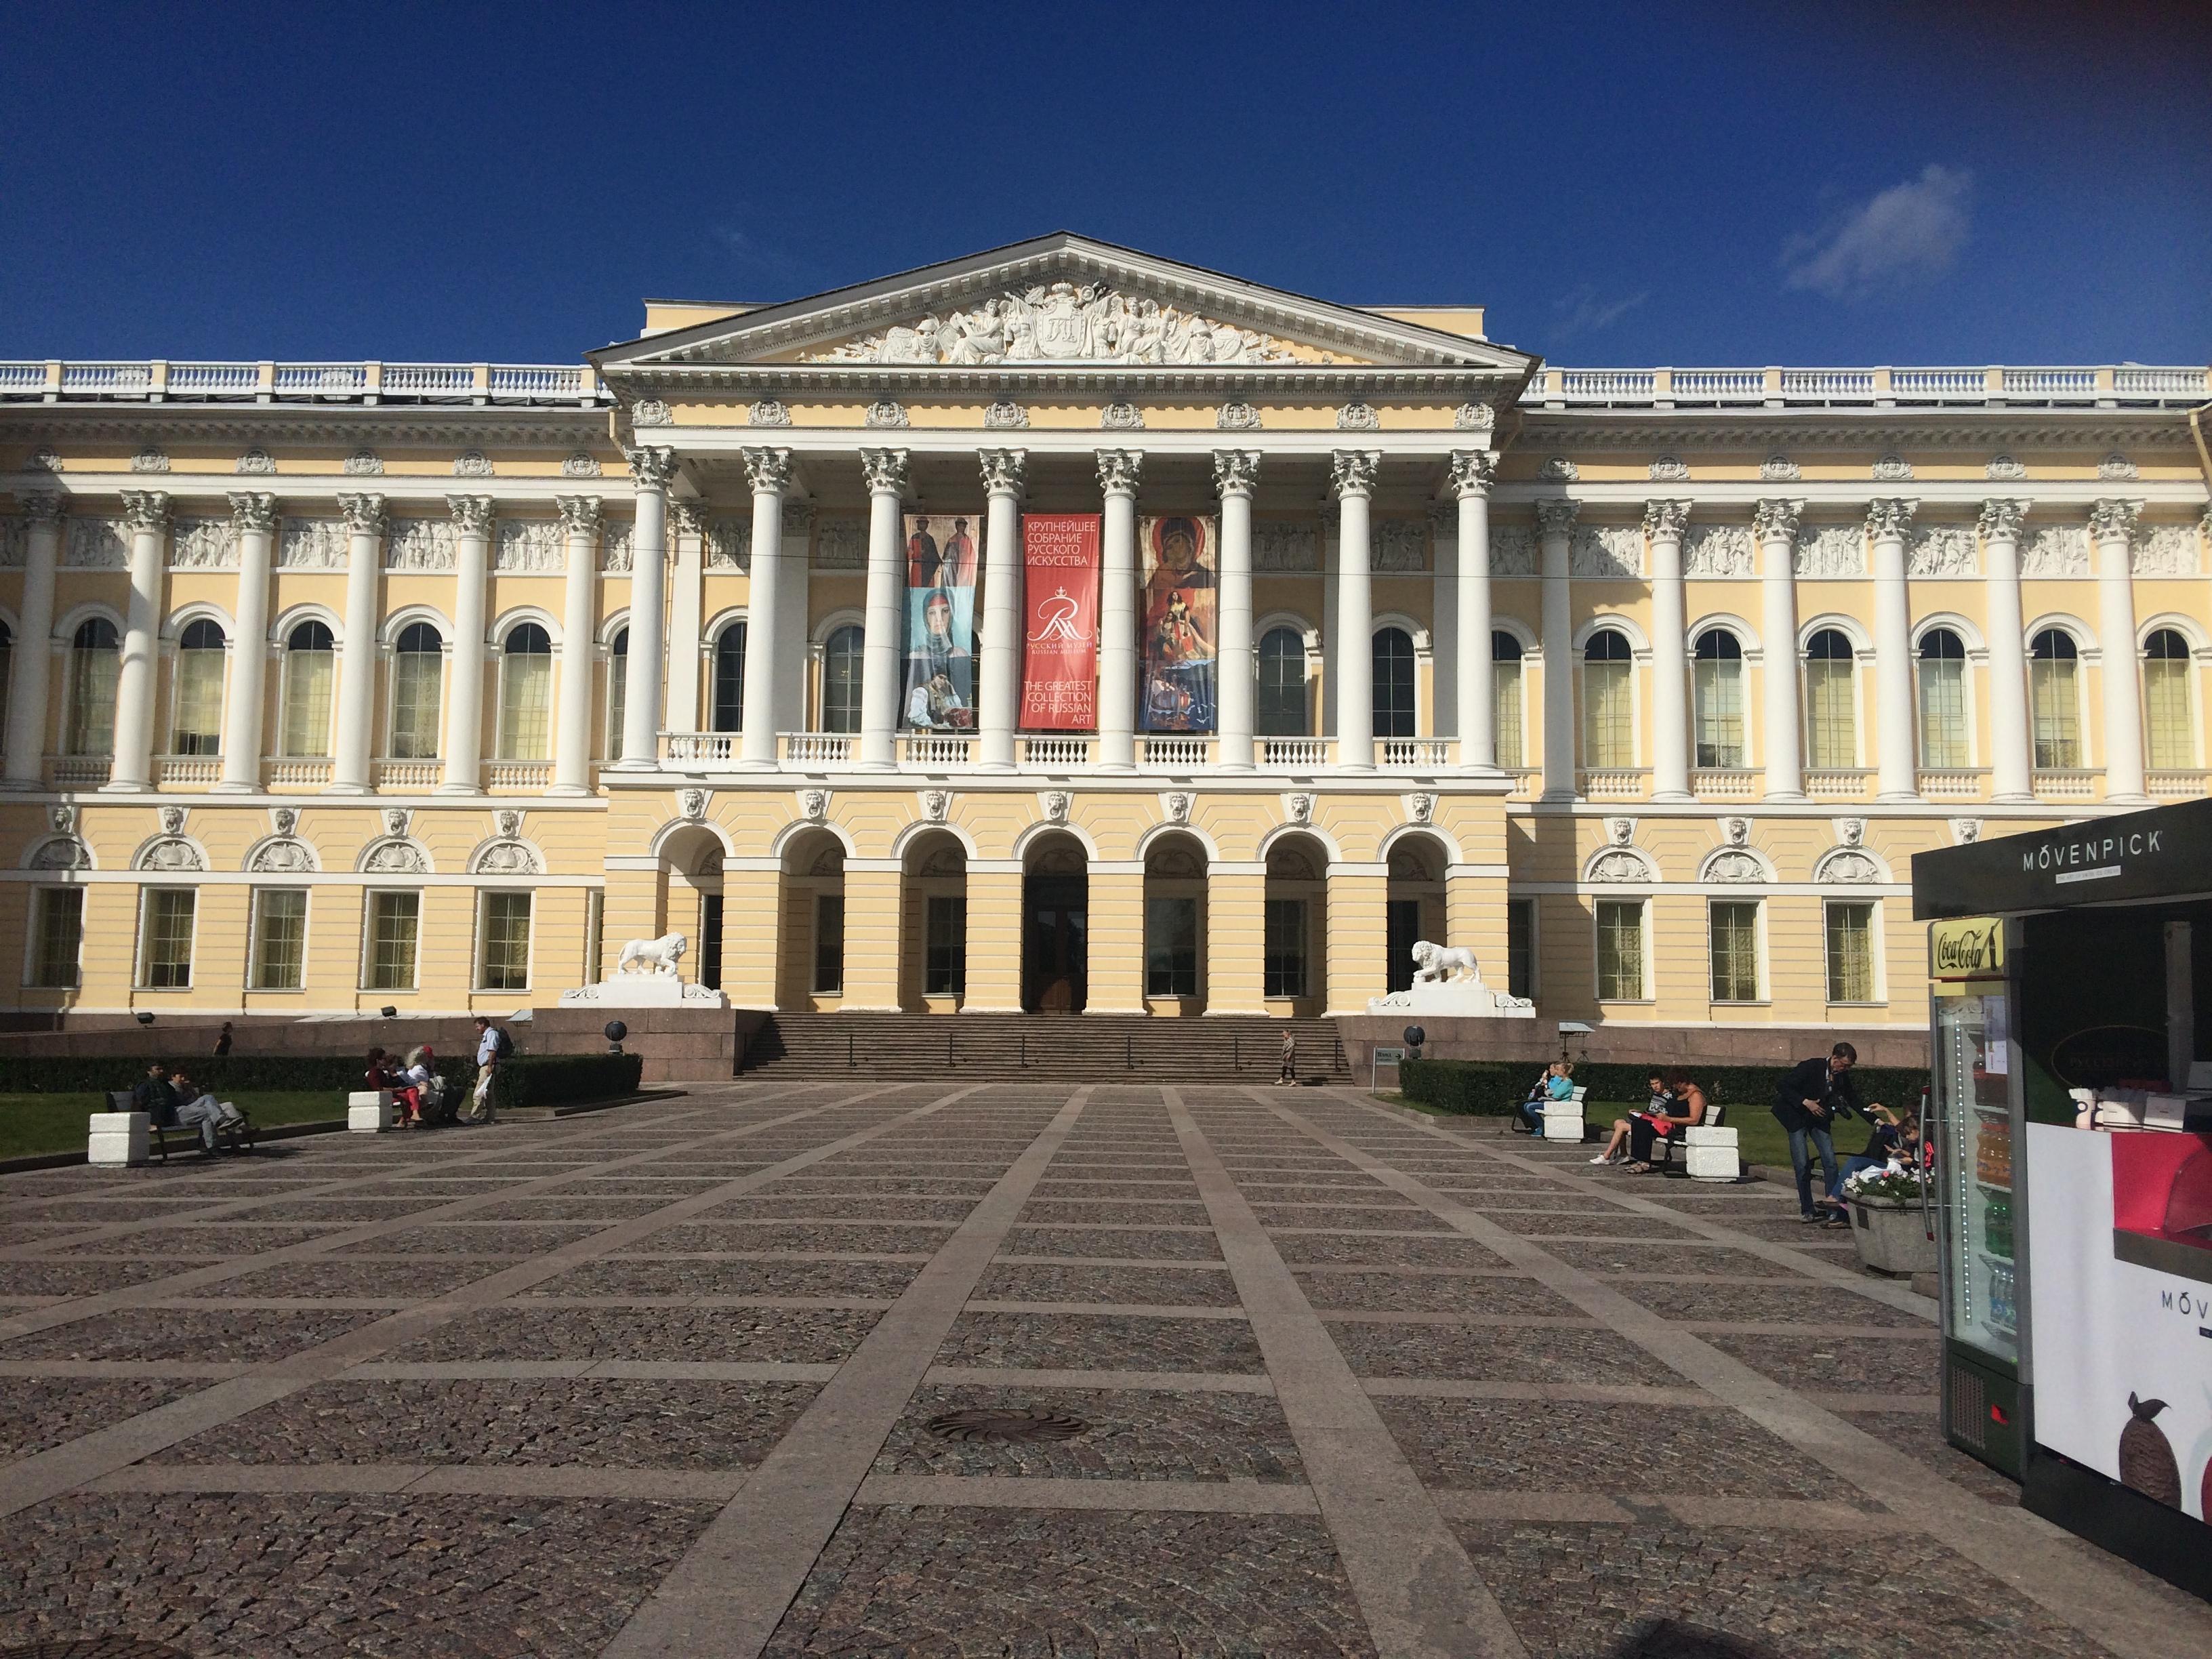 ロシア美術館外観の写真